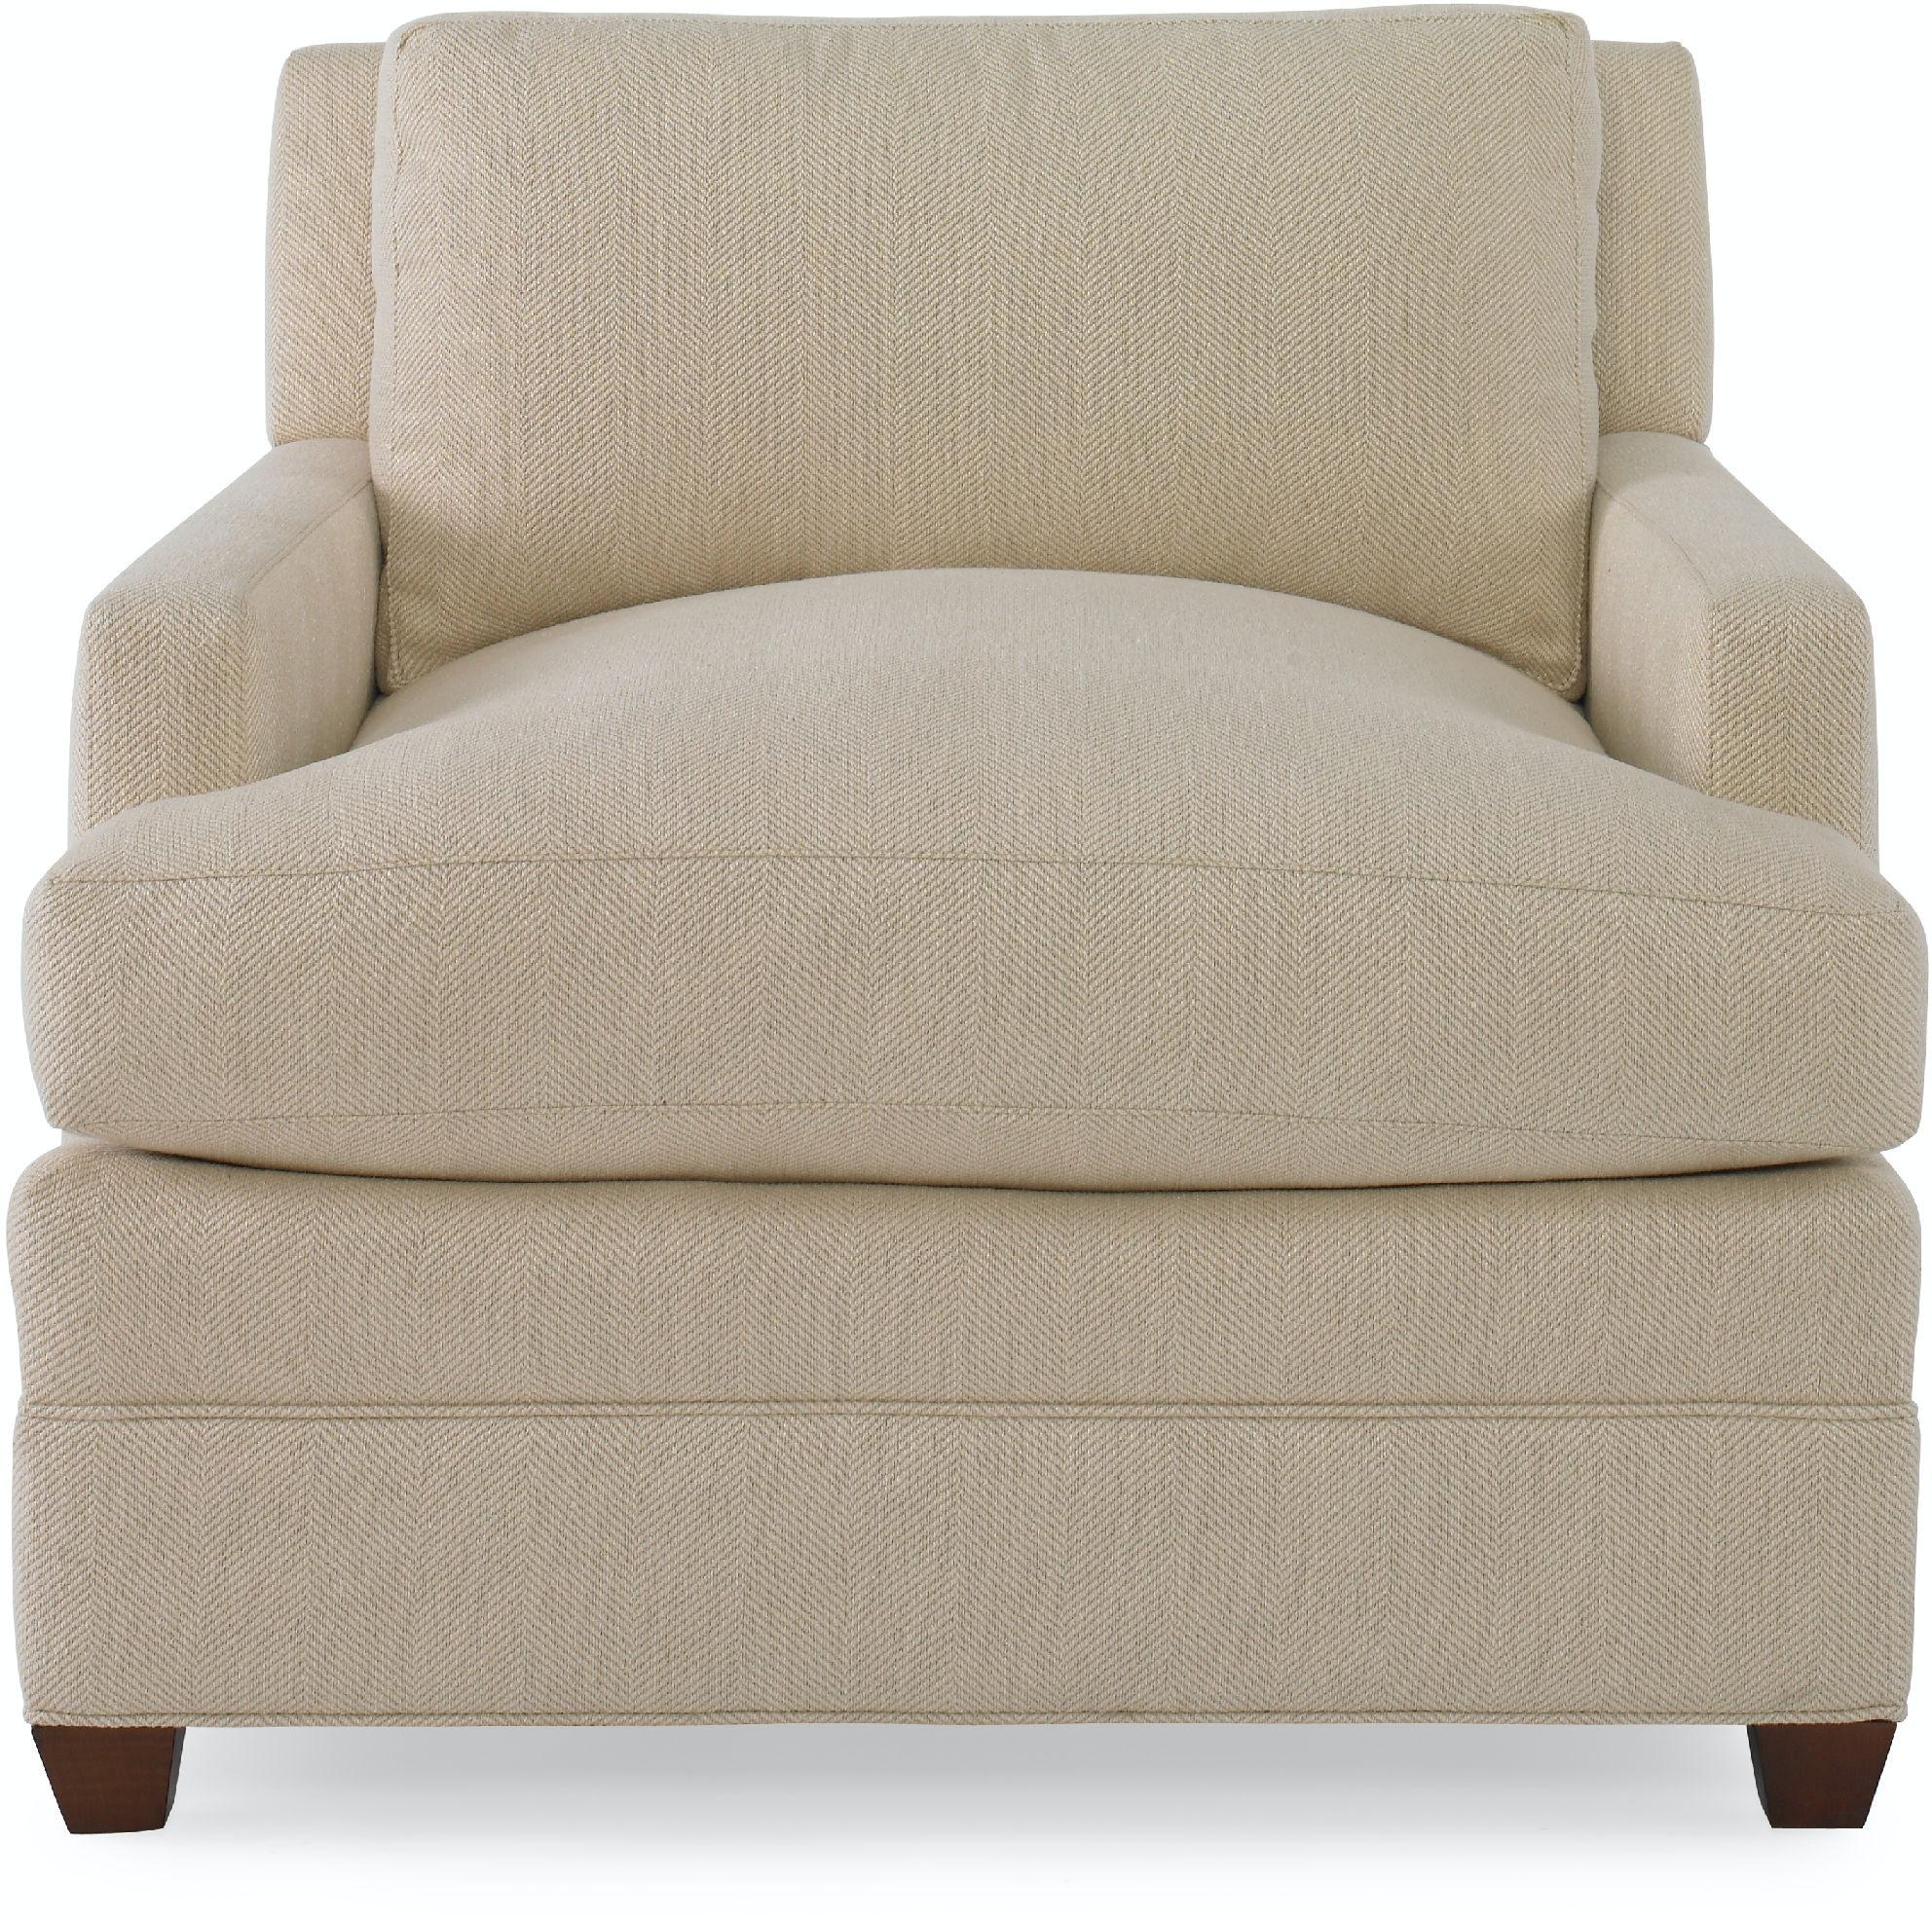 Kravet Smart Trinity Sleeper Sofa S808 2SS SM Kravet New York NY